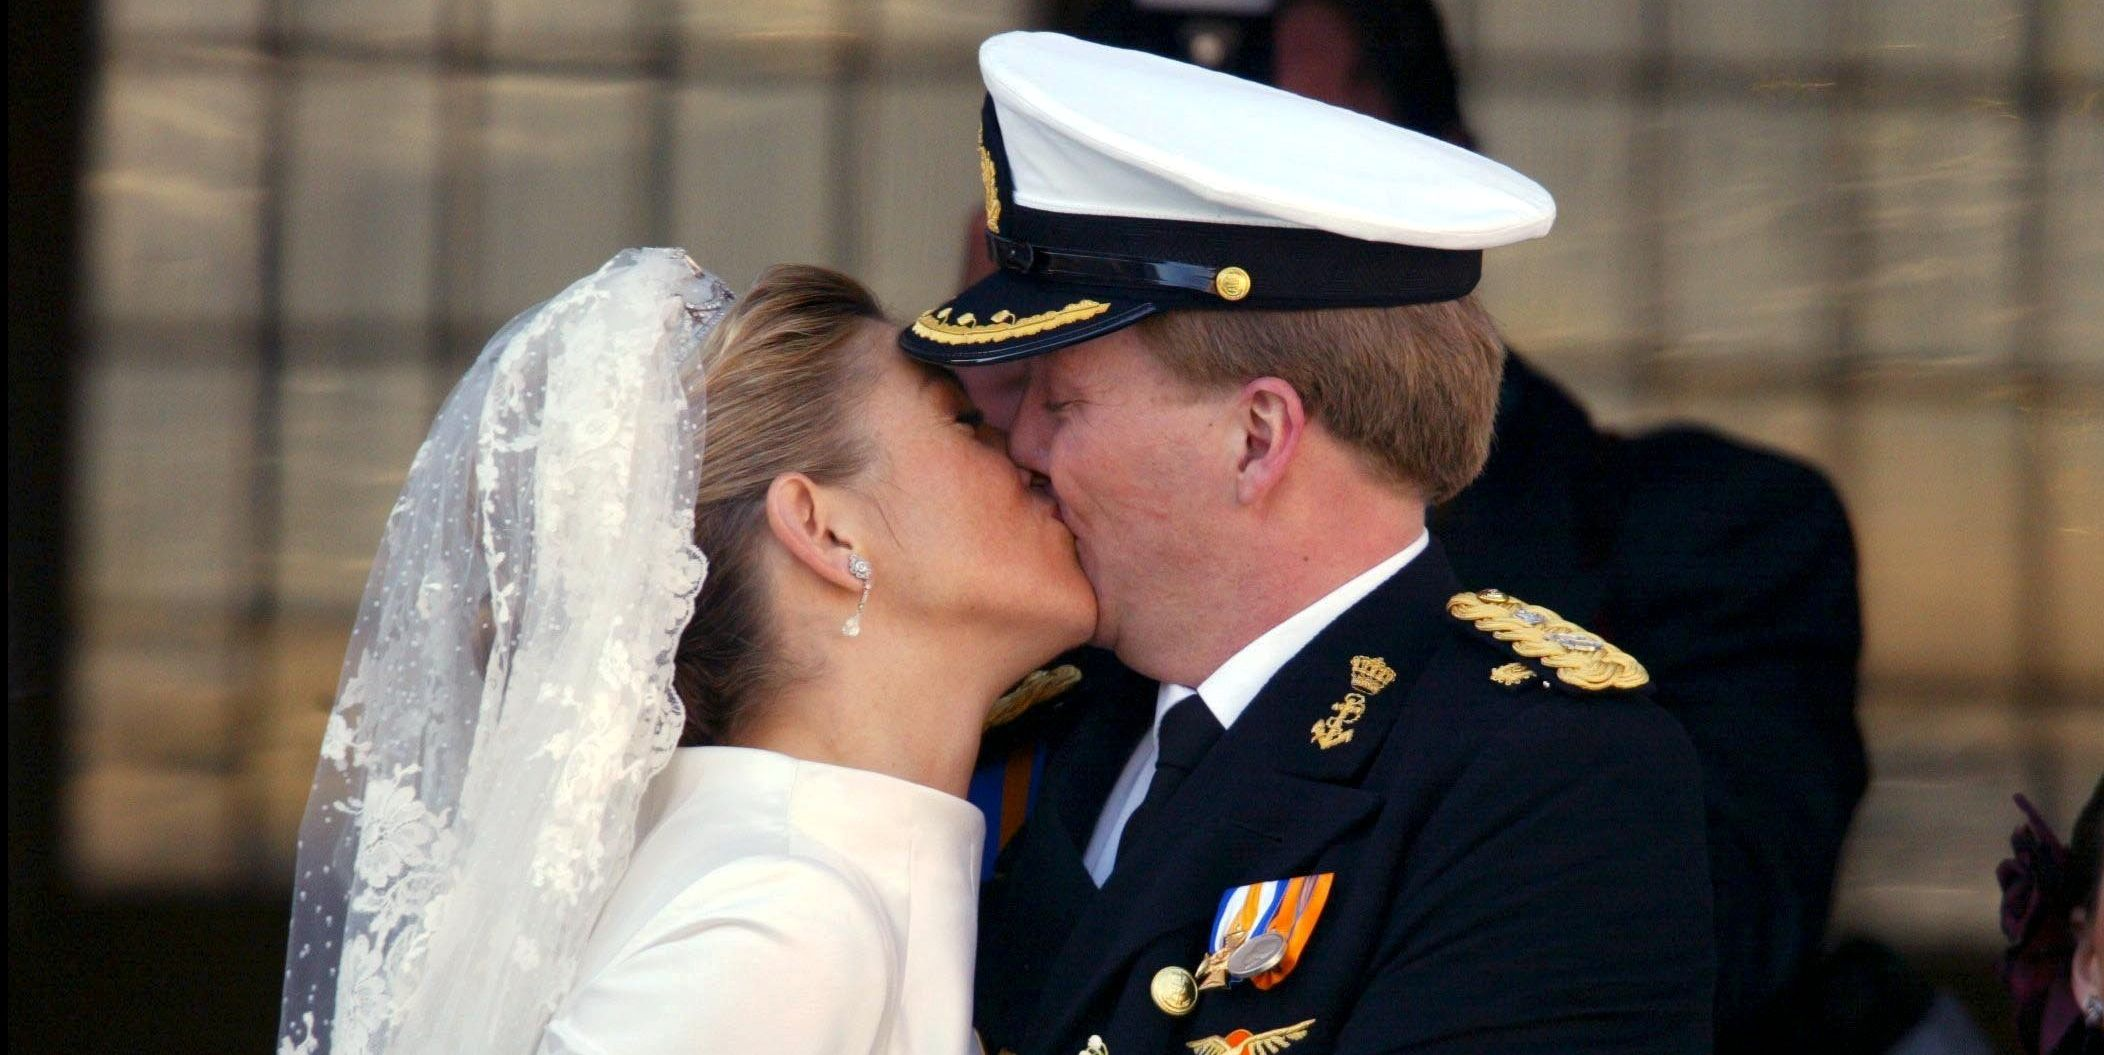 maxima en willem alexander 10 jaar getrouwd De 10 mooiste momenten van Willem Alexander en Máxima maxima en willem alexander 10 jaar getrouwd